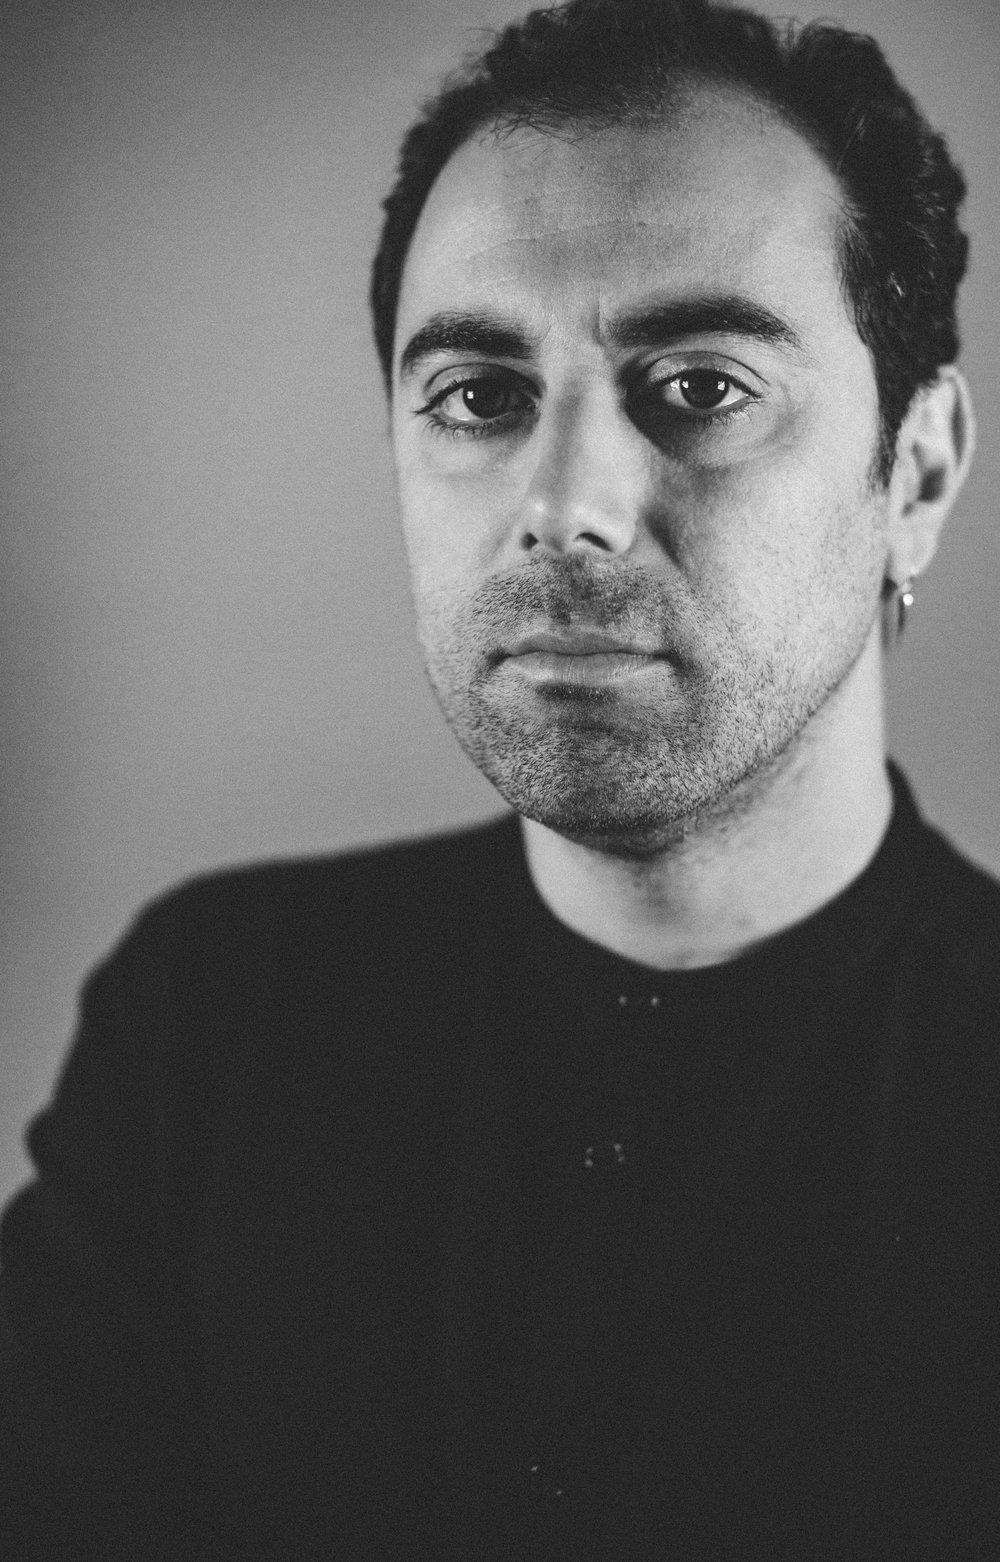 """Ziad Kalthoum - wurde 1981 in Homs (Syrien)geboren. Er hat an der Film-Hochschule in Moskau studiert und dort sein Diplom abgelegt. Danach arbeitete Kalthoum als Regieassistent an mehreren Filmen, Serien und Fernsehprogrammen.Sein Dokumentarfilm-Debüt gab er 2011 mit AYDIL (OH, MY HEART). Ein Jahr später stellte er seinen zweiten Dokumentarfilm THE IMMORTAL SERGEANT fertig, bevor er aus der syrischen Armee desertierte und nach Beirut (Libanon) floh.Der Film hatte 2014 beim Internationalen Filmfestival von Locarno seine Premiere, gewann beim BBC Arabic Festival 2015 einen Preis in der Kategorie """"Feature Documentary"""" und wurde bei zahlreichen weiteren internationalen Festivals gezeigt.TASTE OF CEMENT – Der Geschmack von Zement ist sein dritter Film. Ziad Kalthoum lebt und arbeitet in Berlin."""